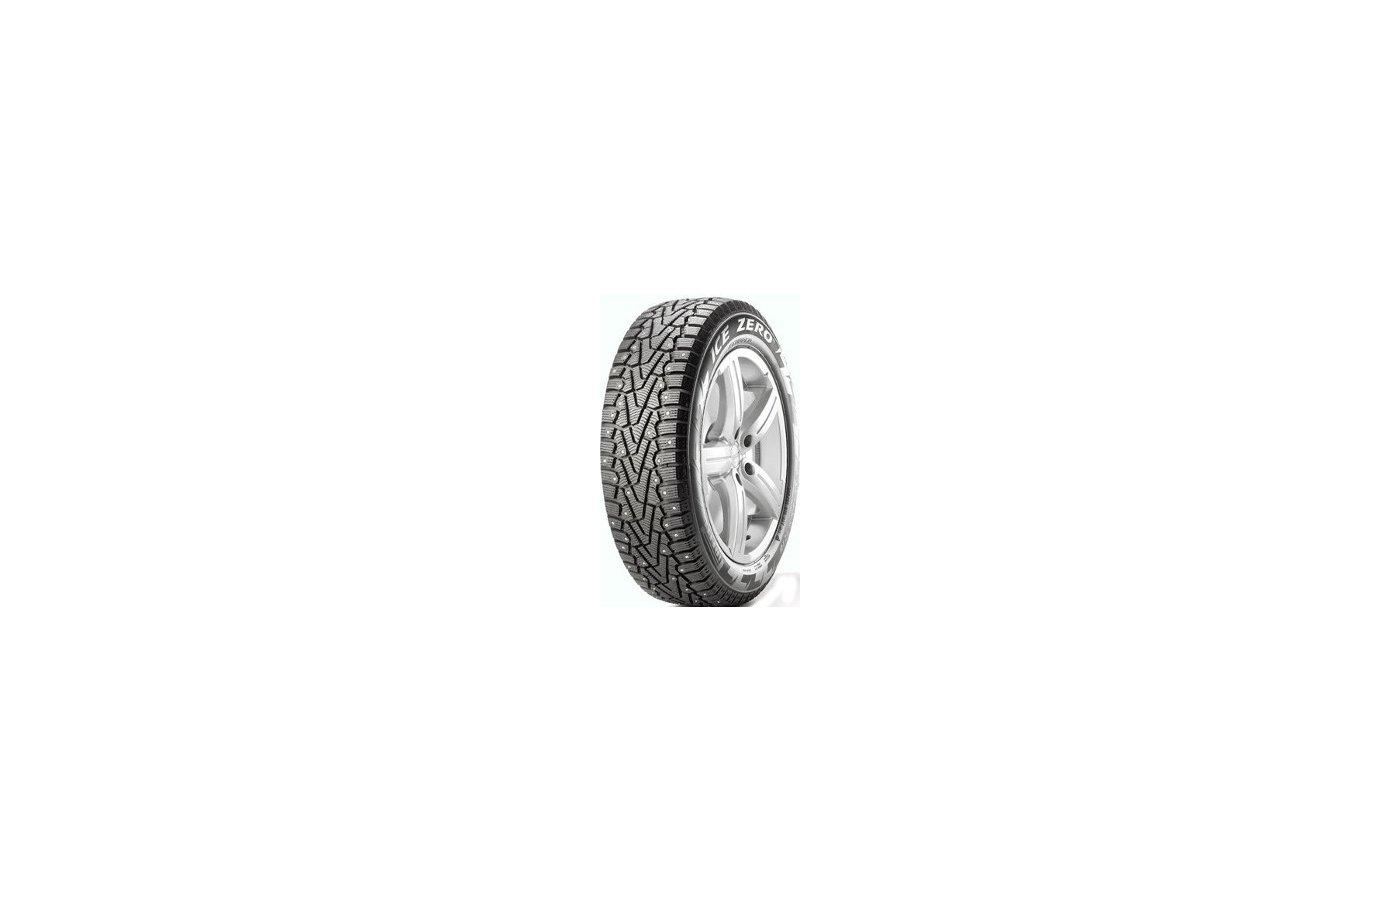 Шина Pirelli Winter Ice Zero 185/55 R15 TL 82T шип